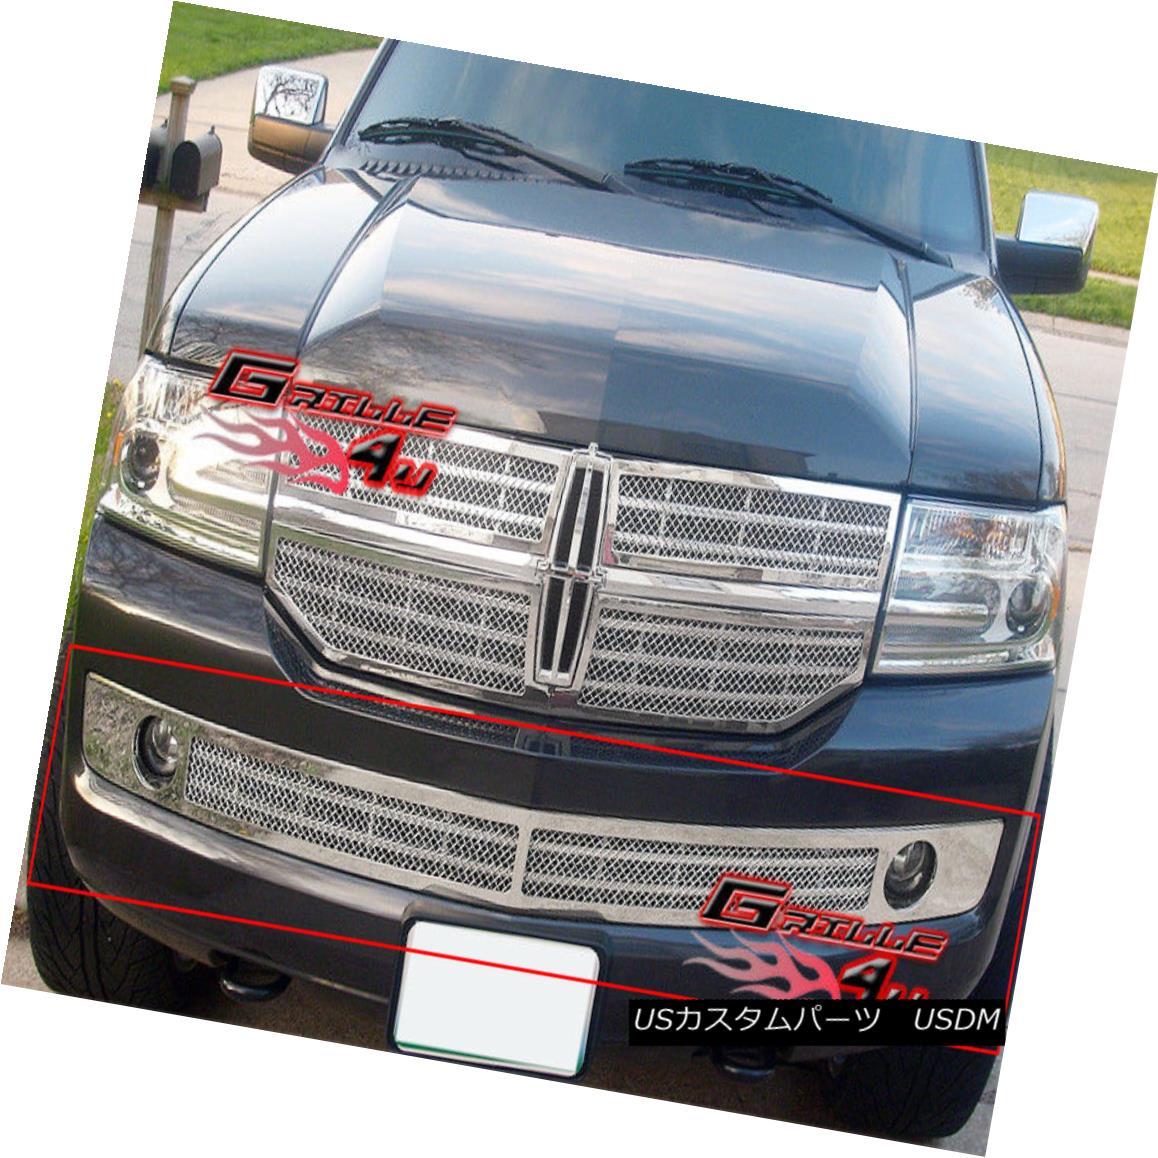 グリル For 2007-2014 Lincoln Navigator Bumper Stainless Mesh Grille 2007?2014年のリンカーンナビゲーターバンパーステンレスメッシュグリル